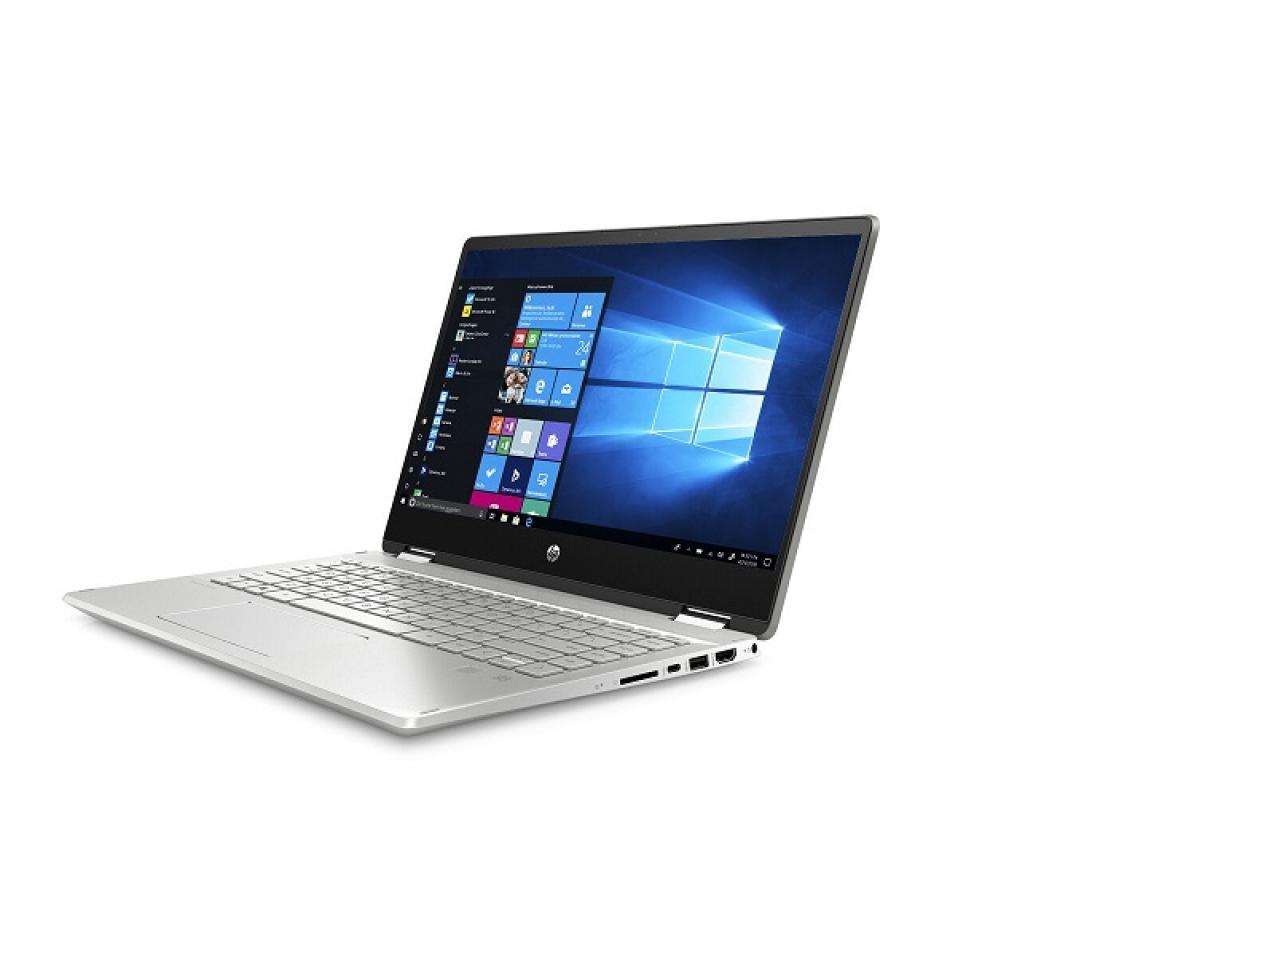 Hewlett Packard Pavilion x360 14-dh1003ng  - shop.bb-net.de